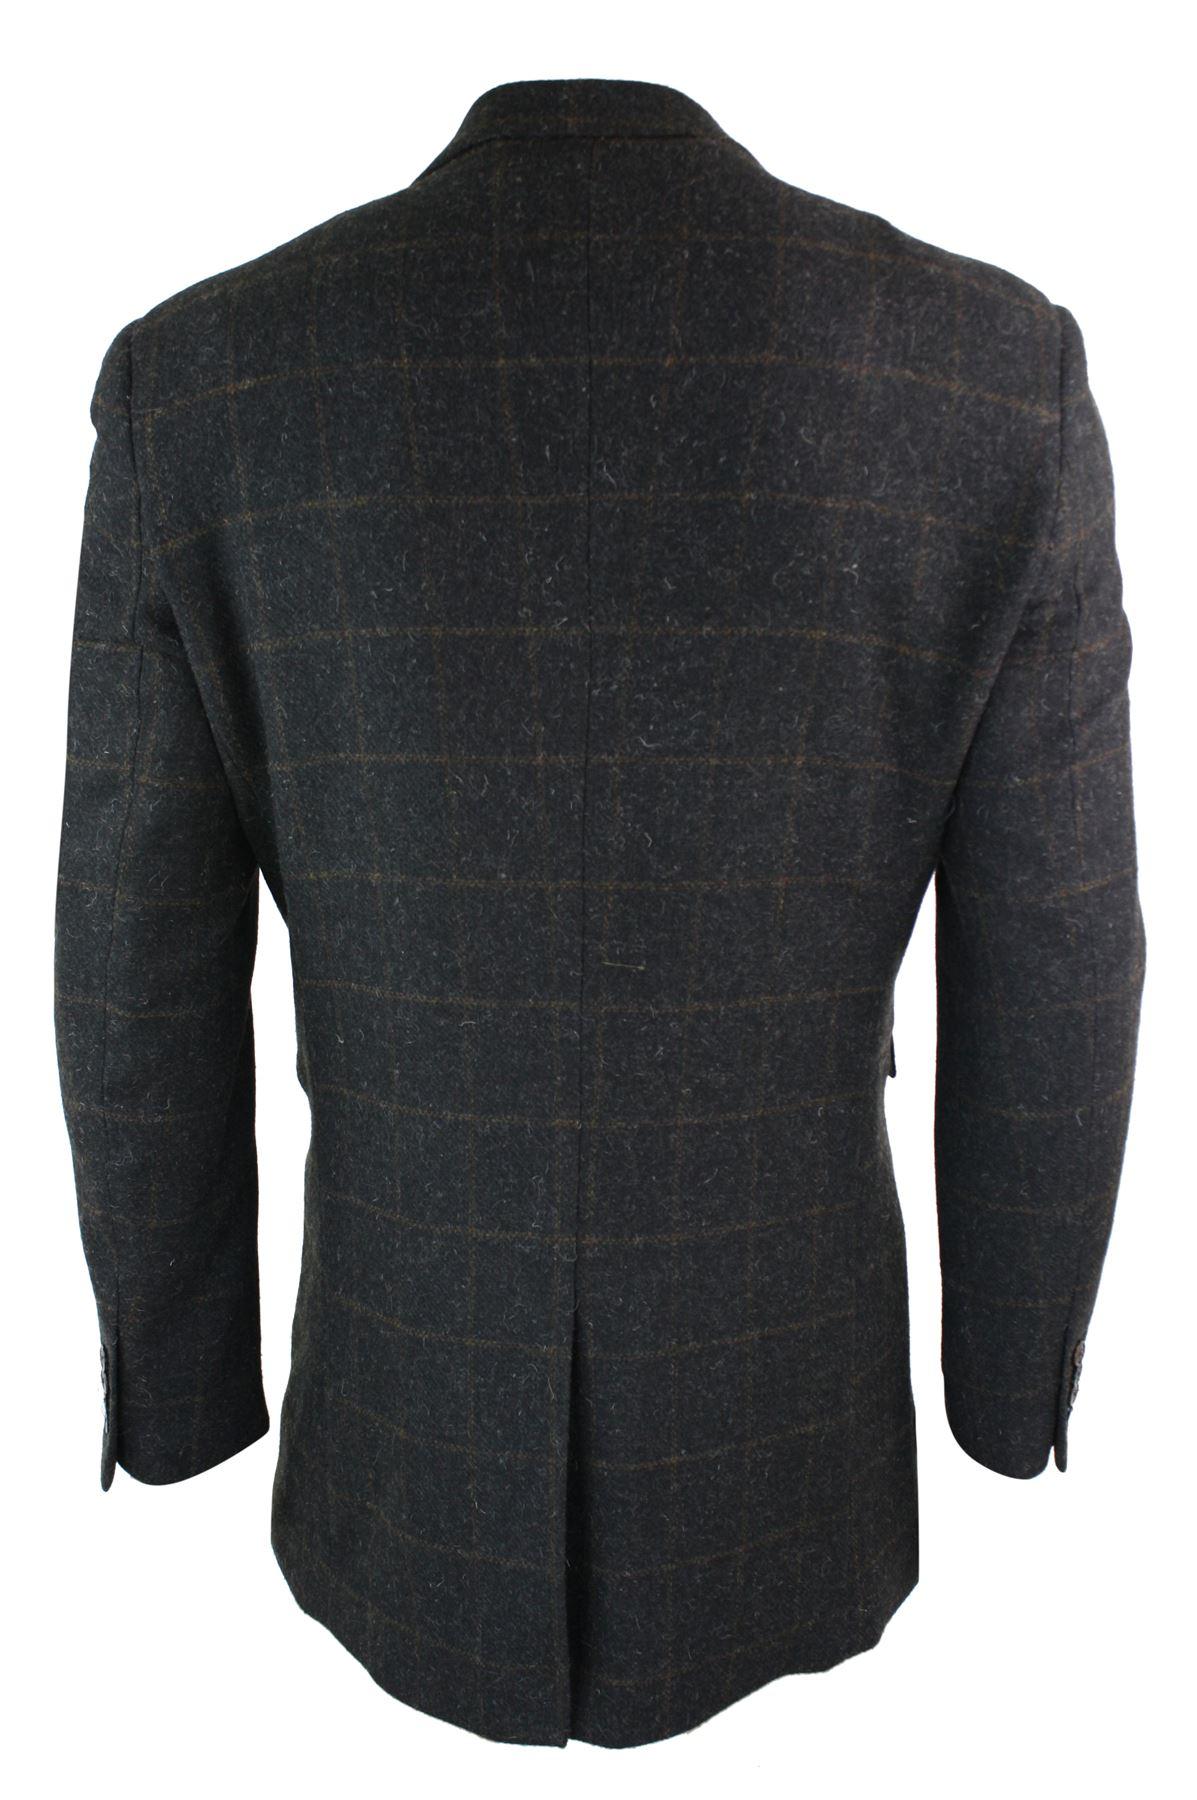 manteau homme longueur 3 4 tweed style peaky blinders. Black Bedroom Furniture Sets. Home Design Ideas